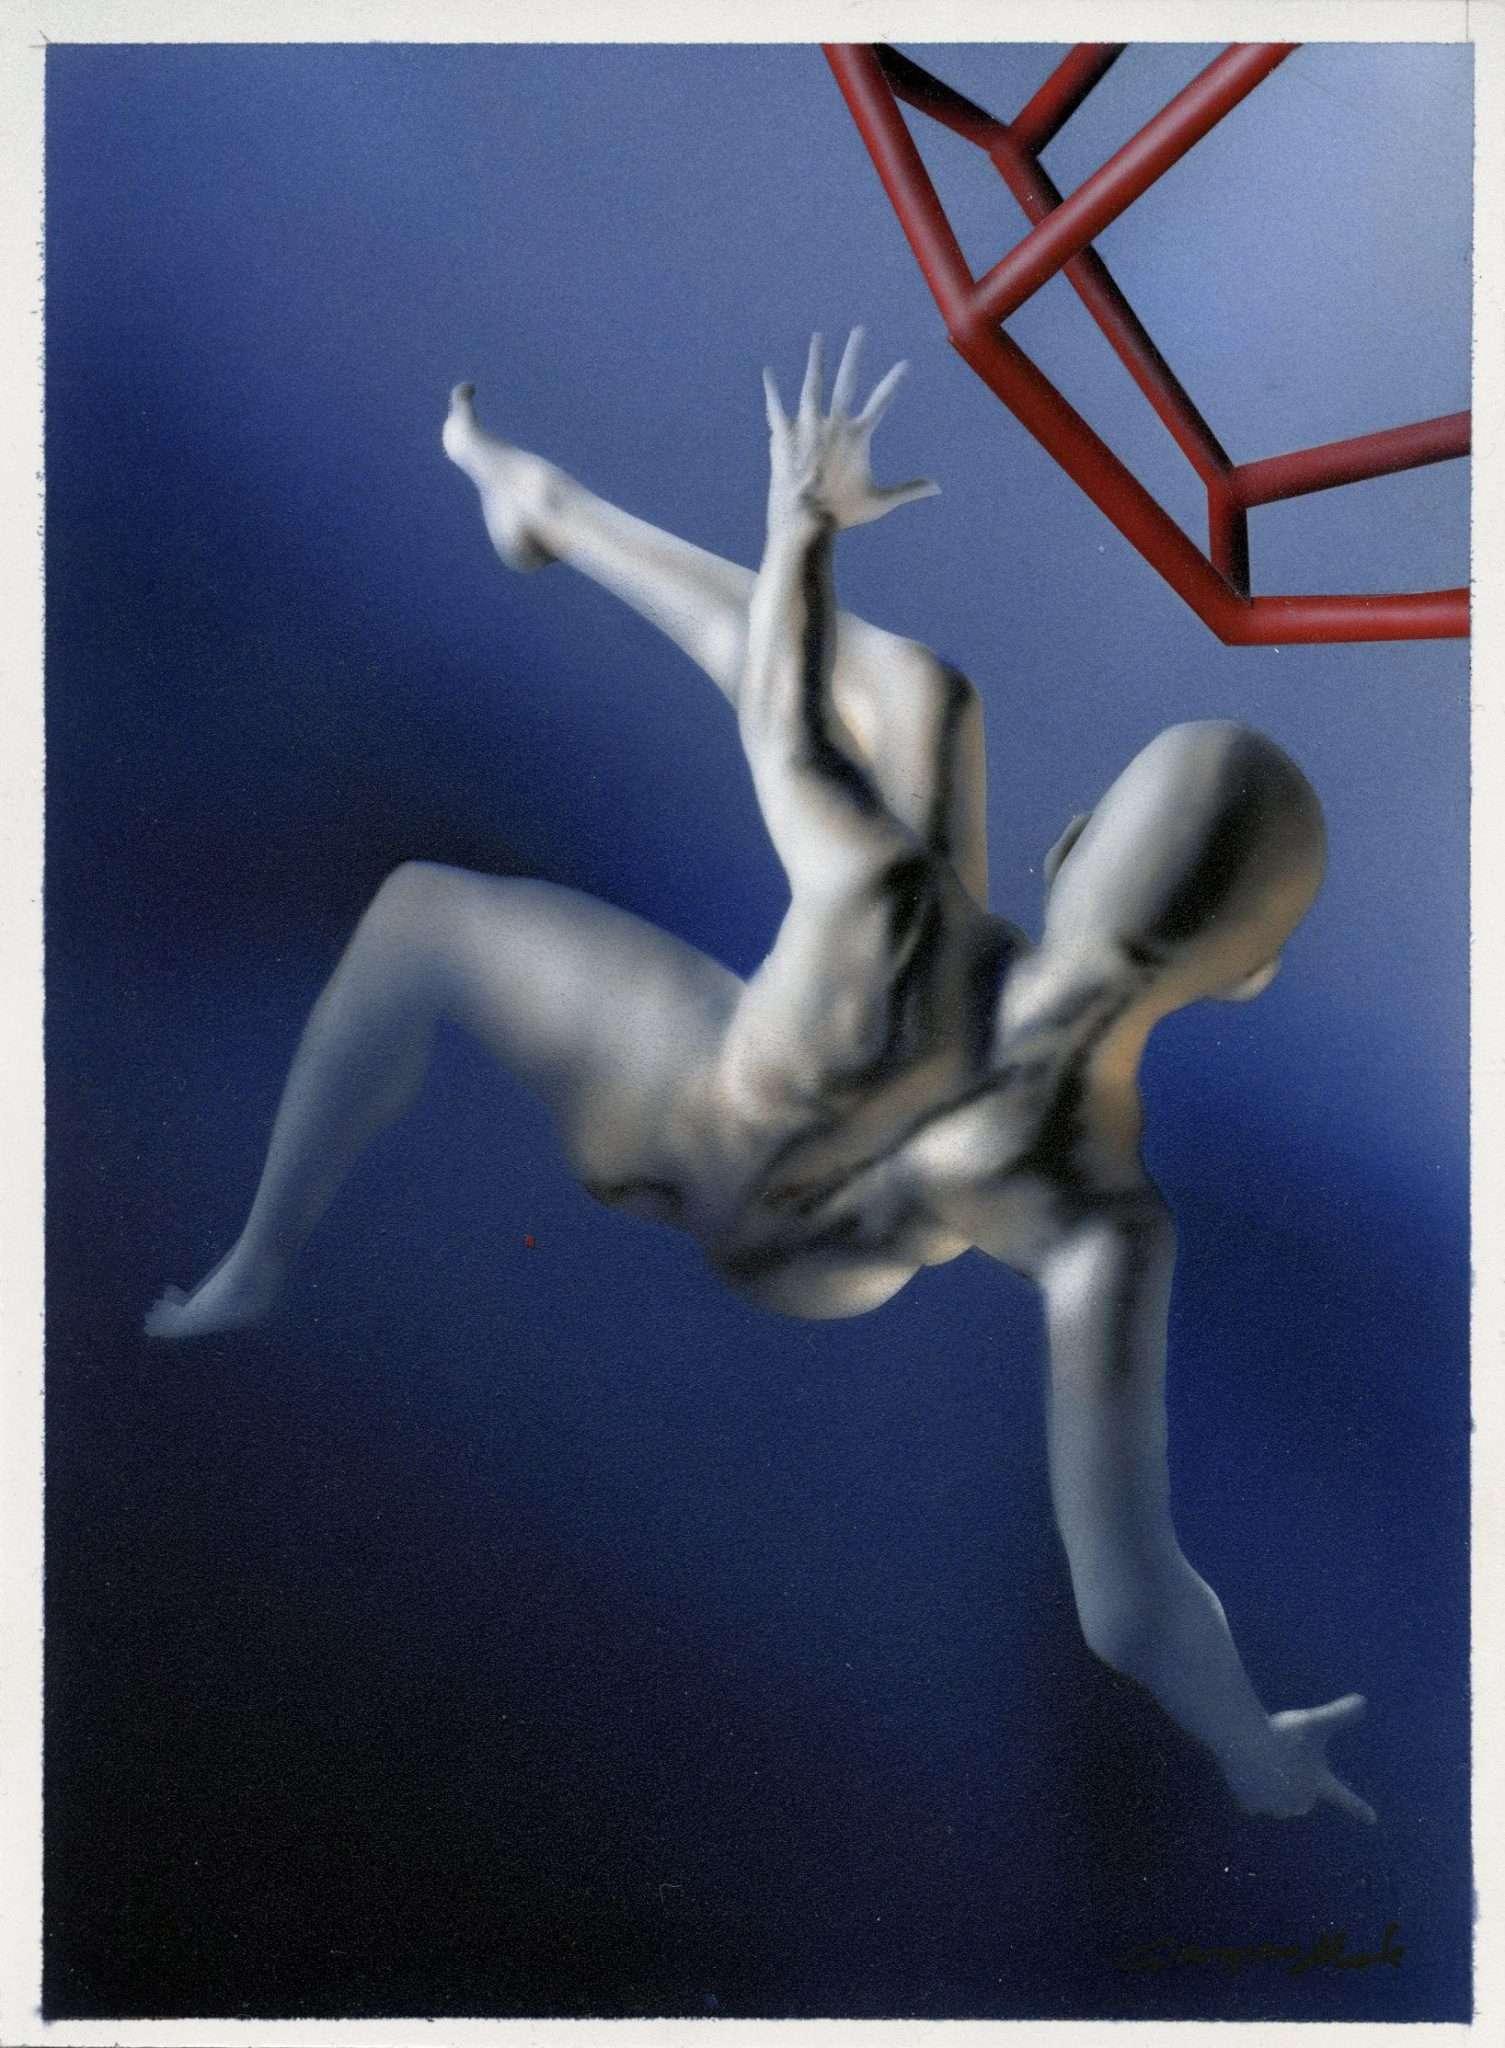 Salto Trascendentale - acrilico su pvc - 13x18 cm - Giampiero Abate